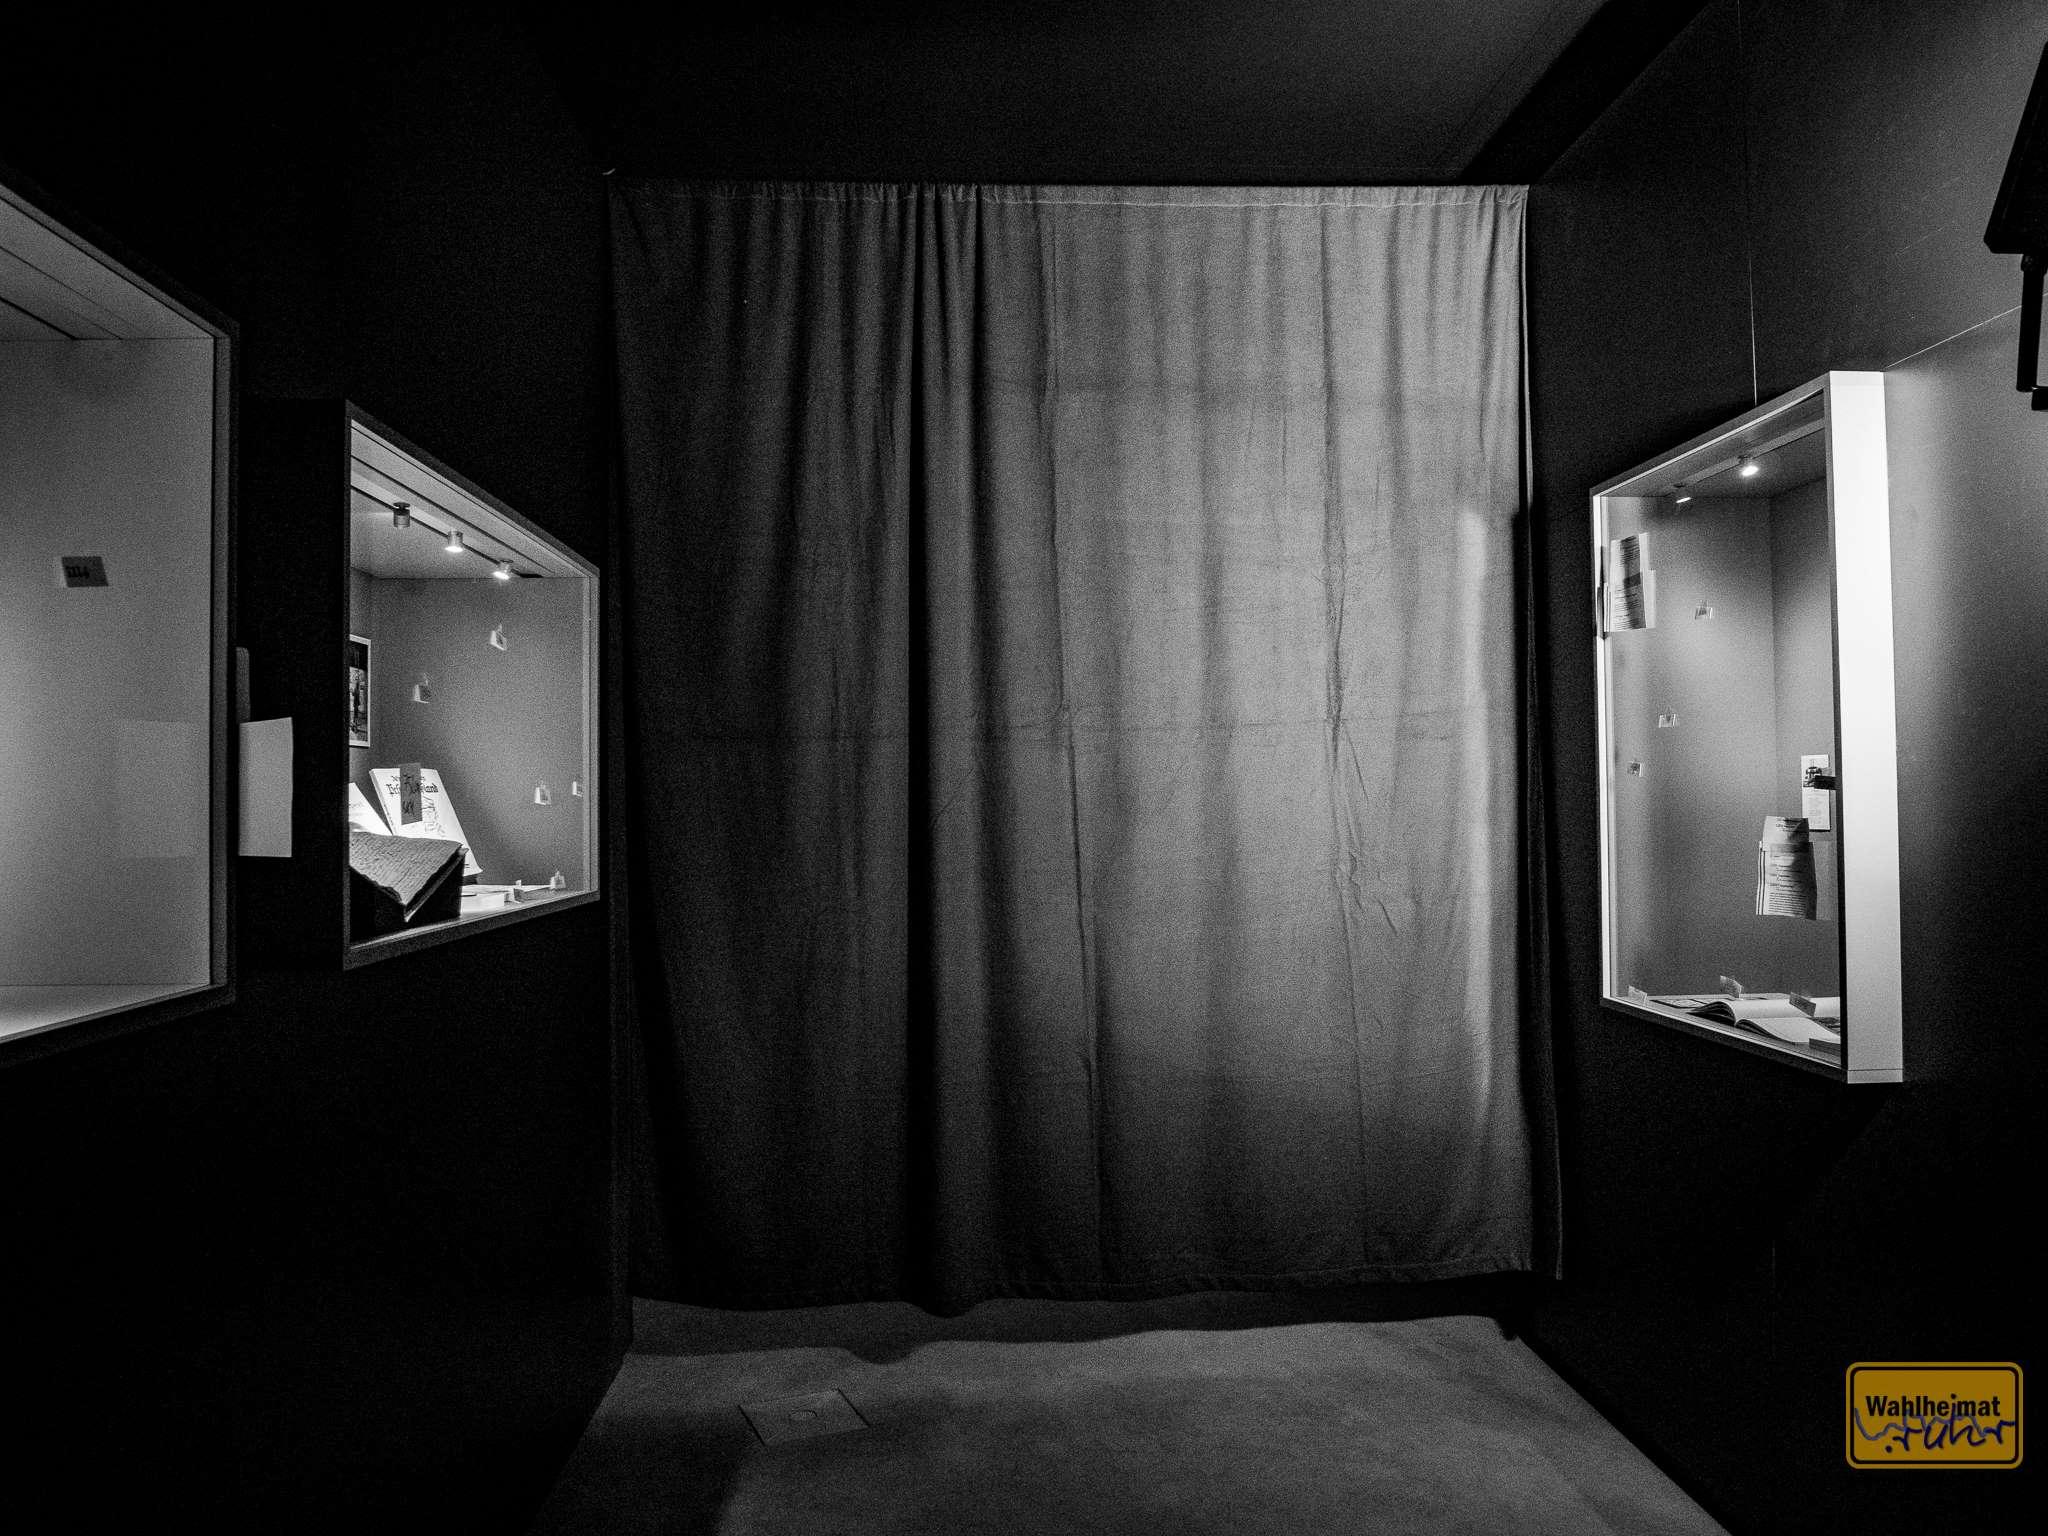 """FSK16! Hinter diesem Vorhang gibt's Einblicke in das Computerspiel """"A Plague Tale"""". Tolle Grafik, atmosphärische Bilder."""